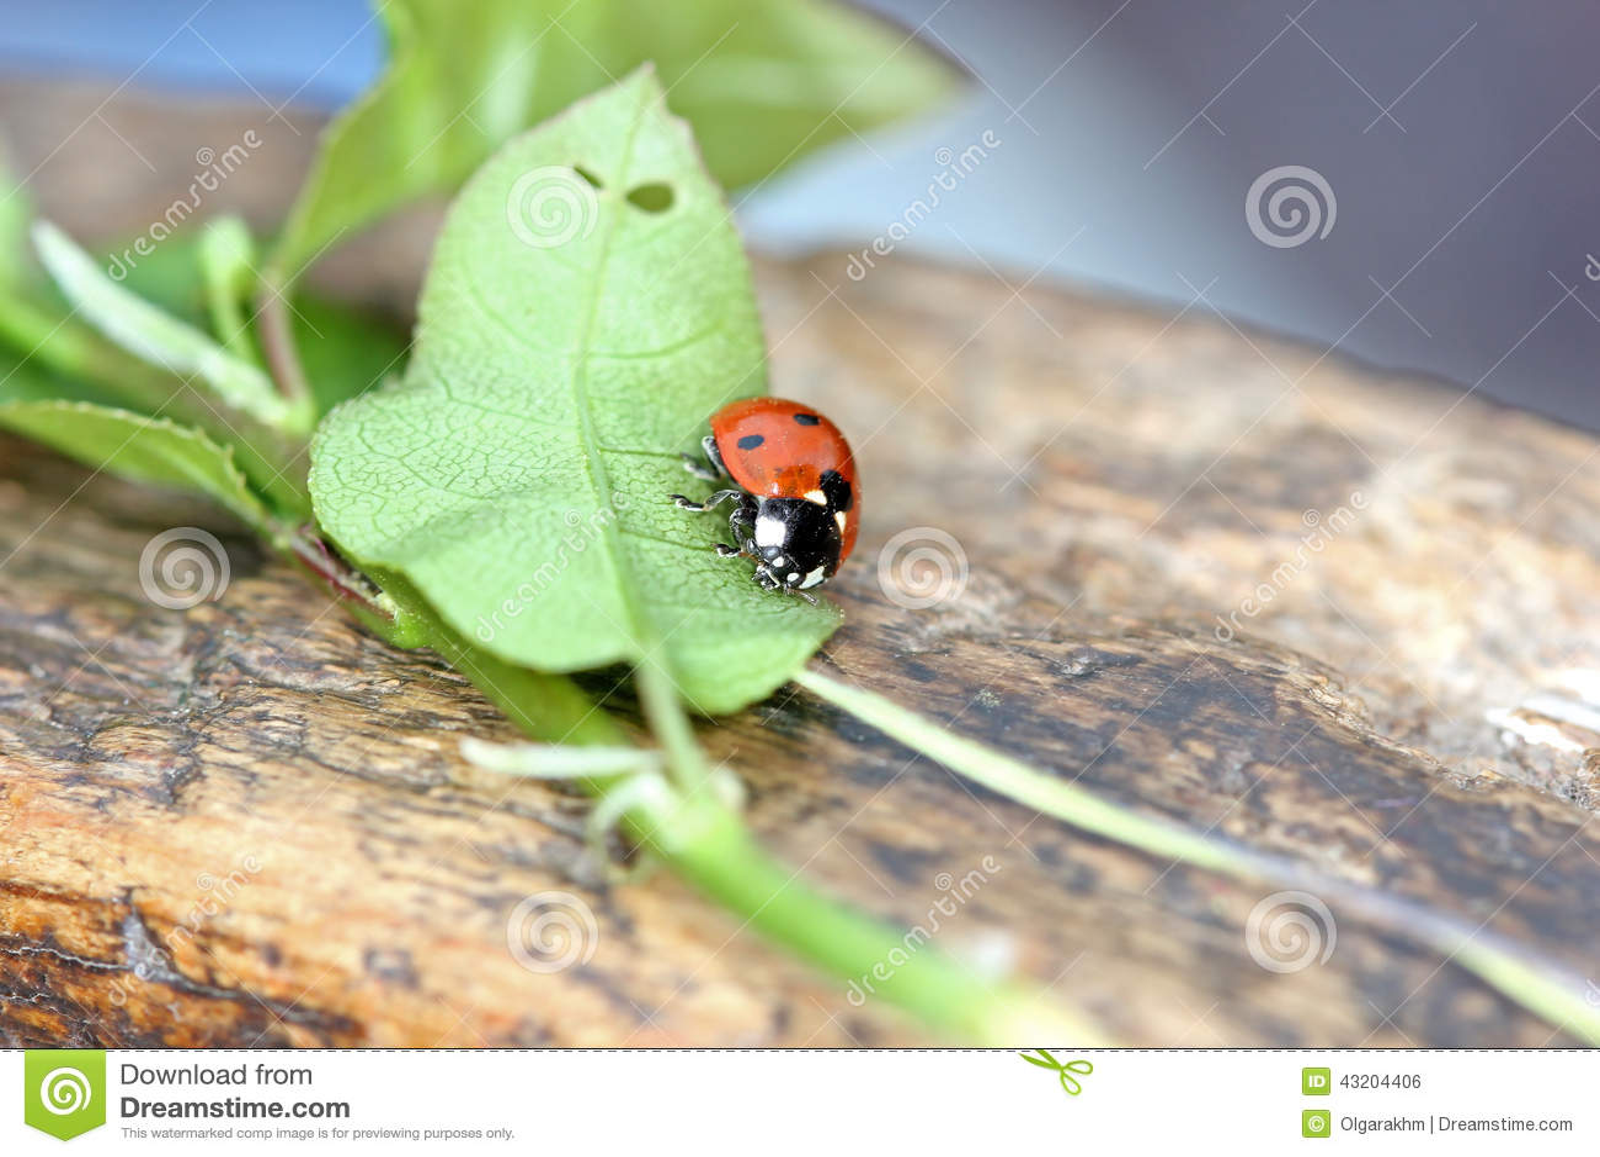 Download Nyckelpiga arkivfoto. Bild av angus, natur, rött, nyckelpiga - 43204406